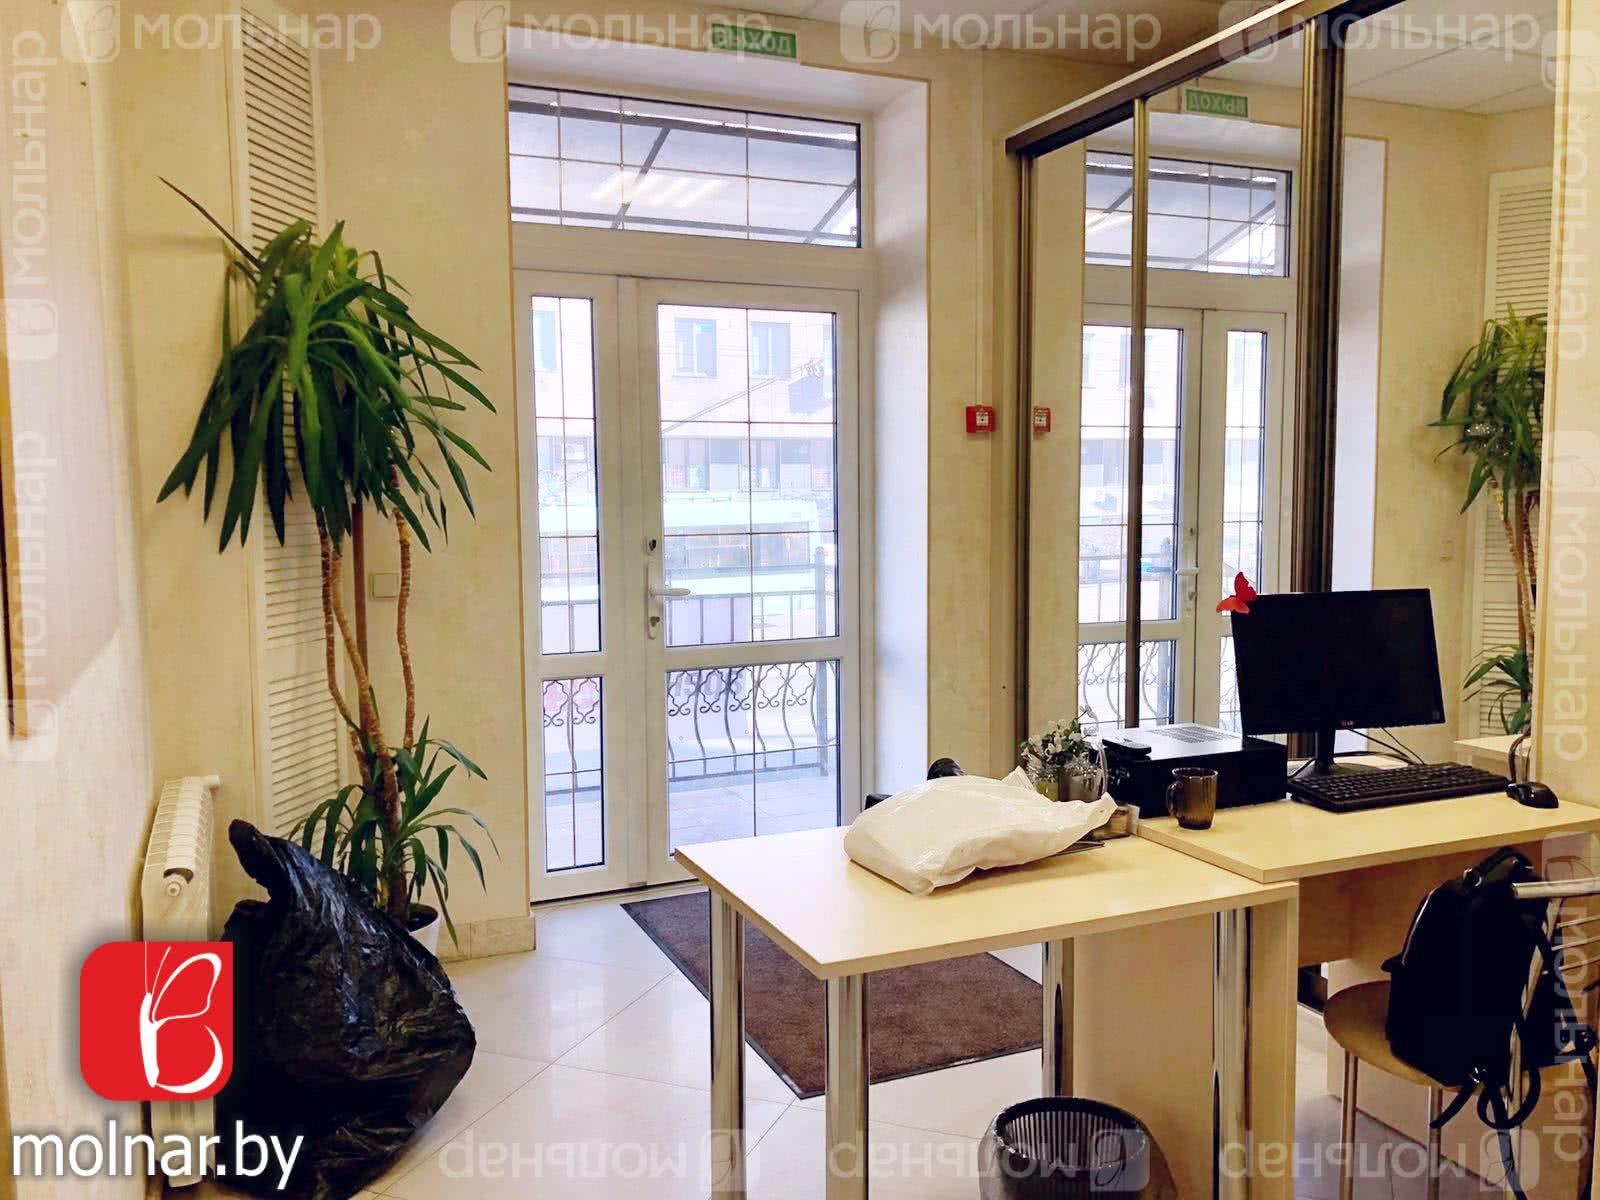 Аренда офиса на ул. Сурганова, д. 25 в Минске - фото 4